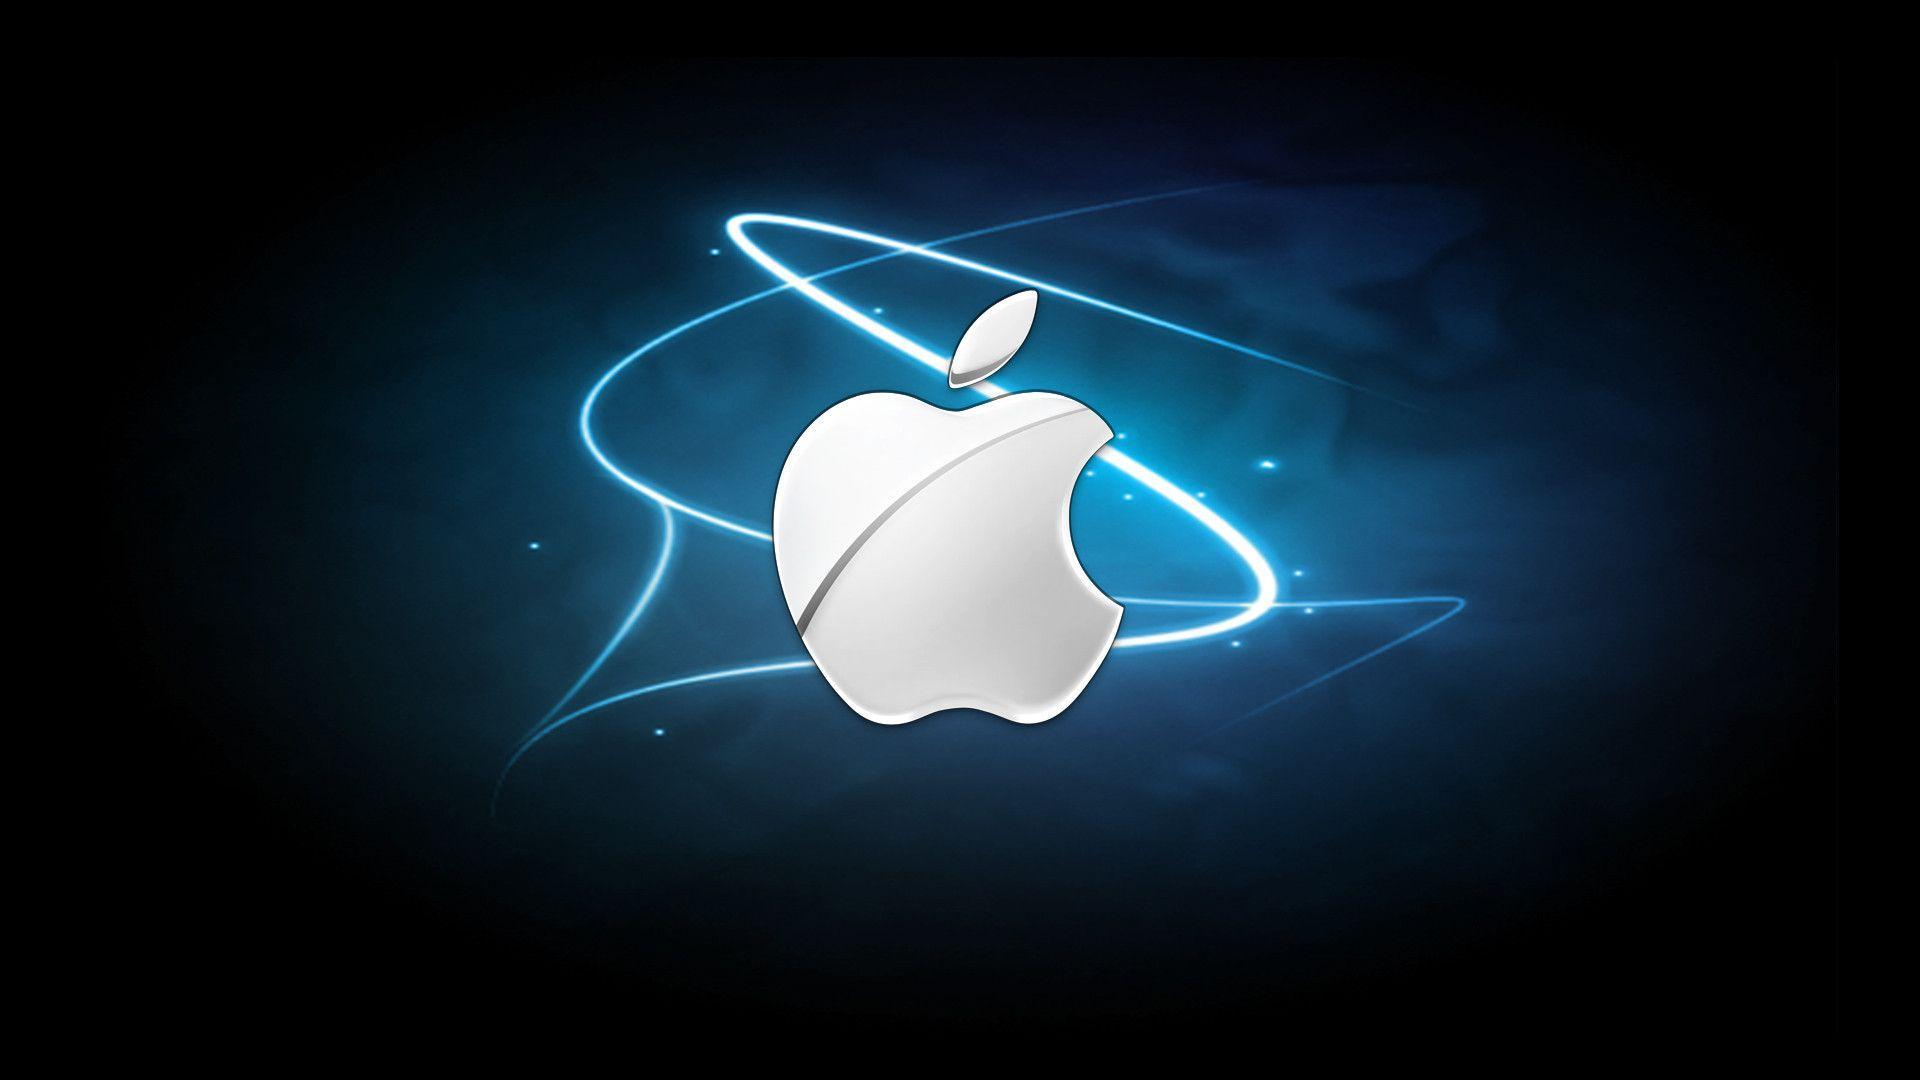 apple logo hd wallpapers